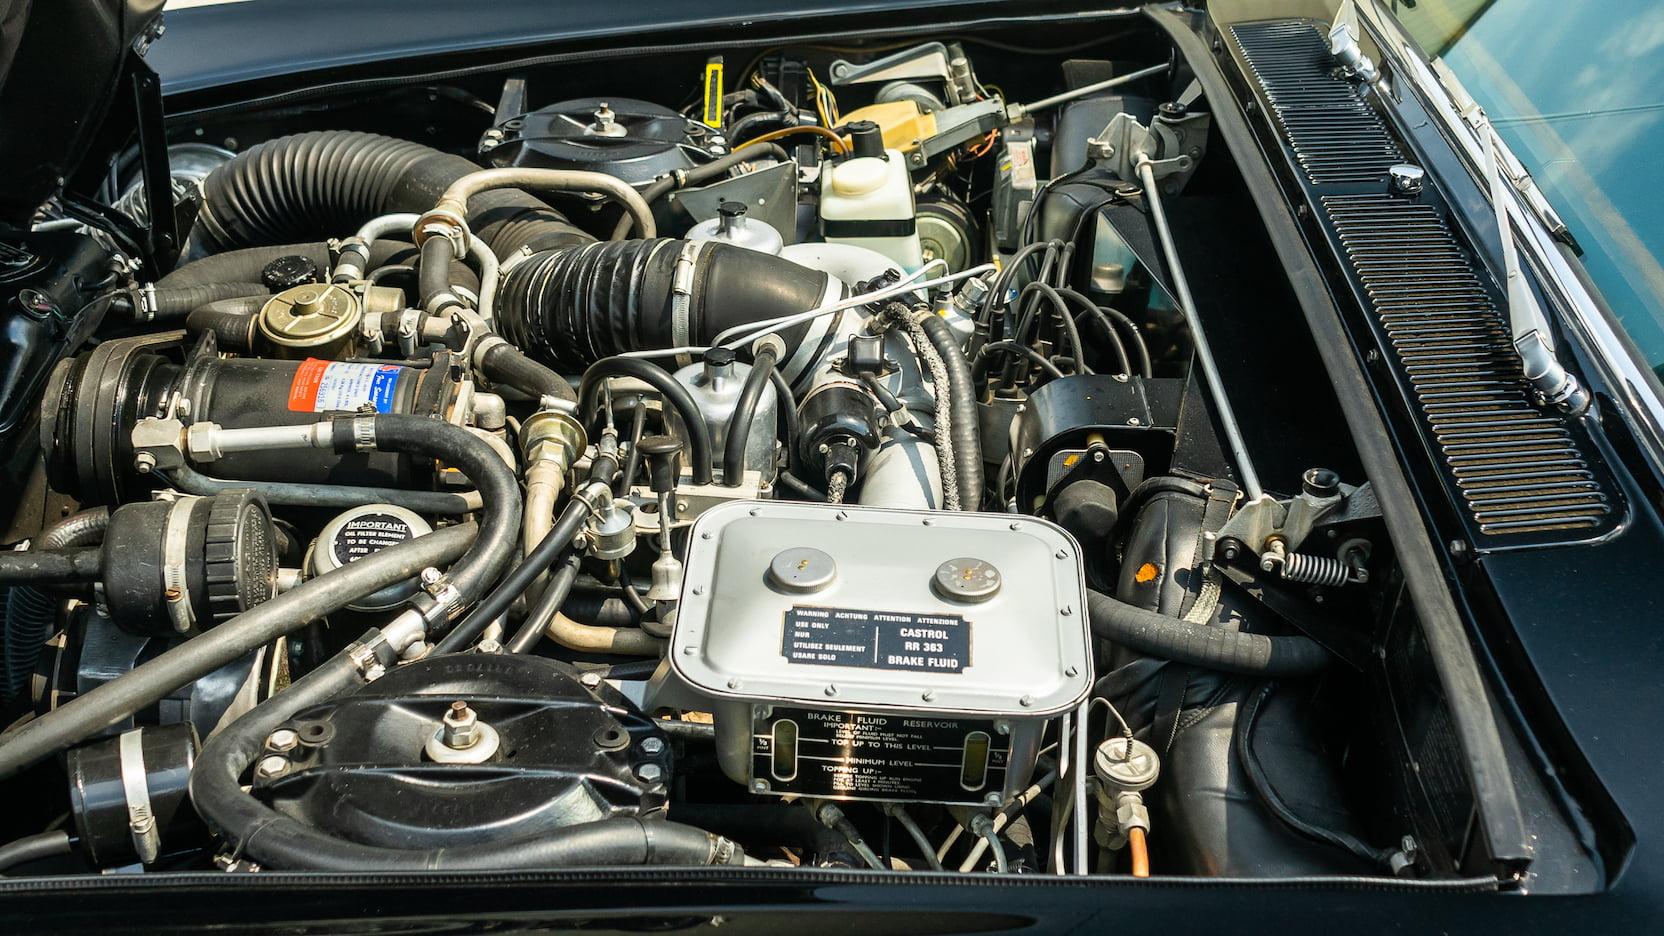 1971 Rolls-Royce Silver Shadow engine